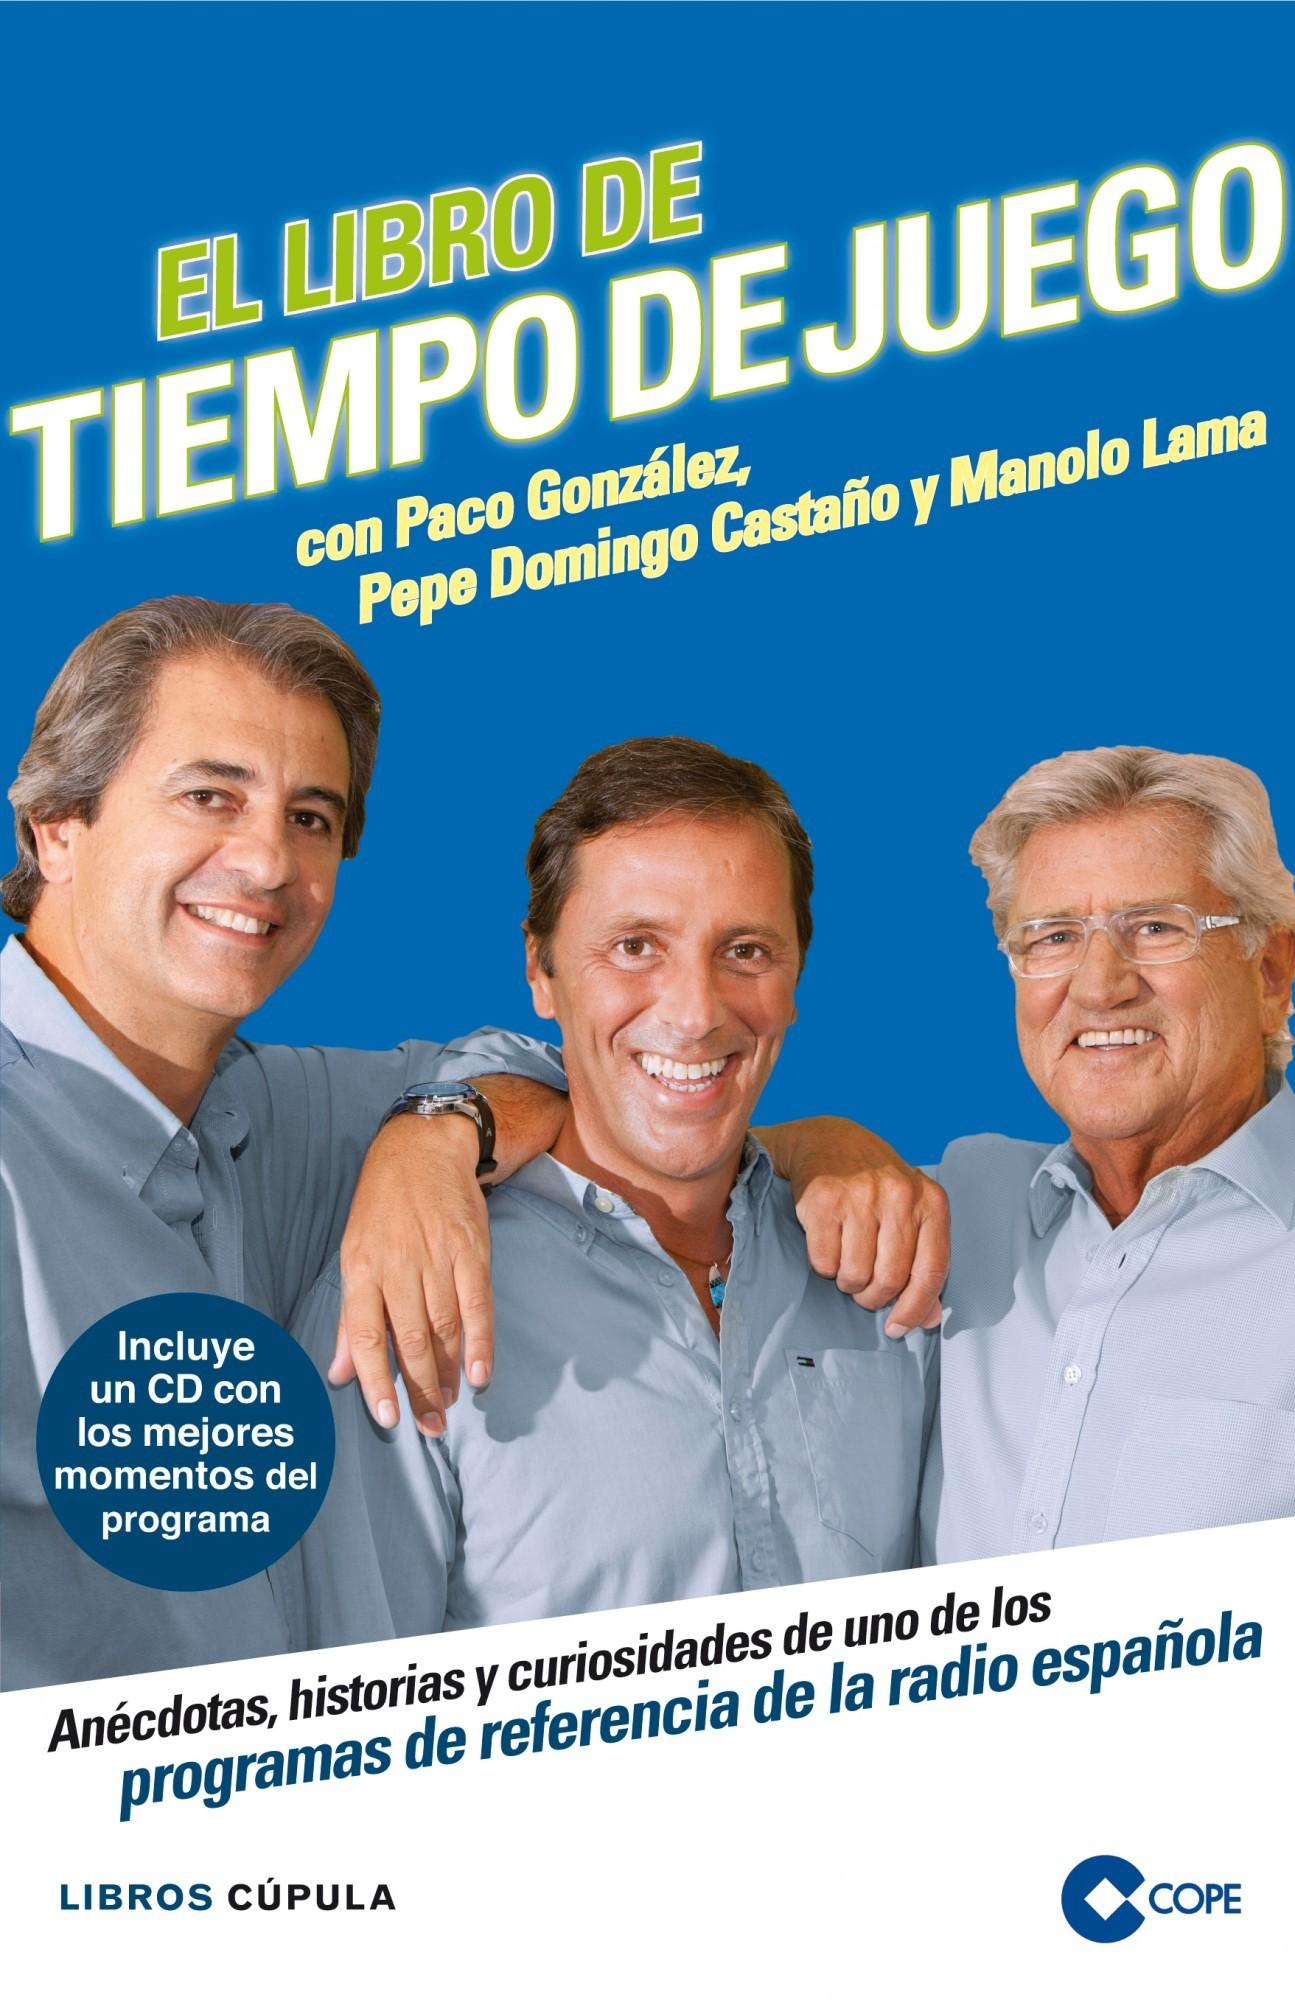 EL LIBRO DE TIEMPO DE JUEGO: ANÉCDOTAS, HISTORIAS Y CURIOSIDADES DE UNO DE LOS  PROGRAMAS DE REFEREN